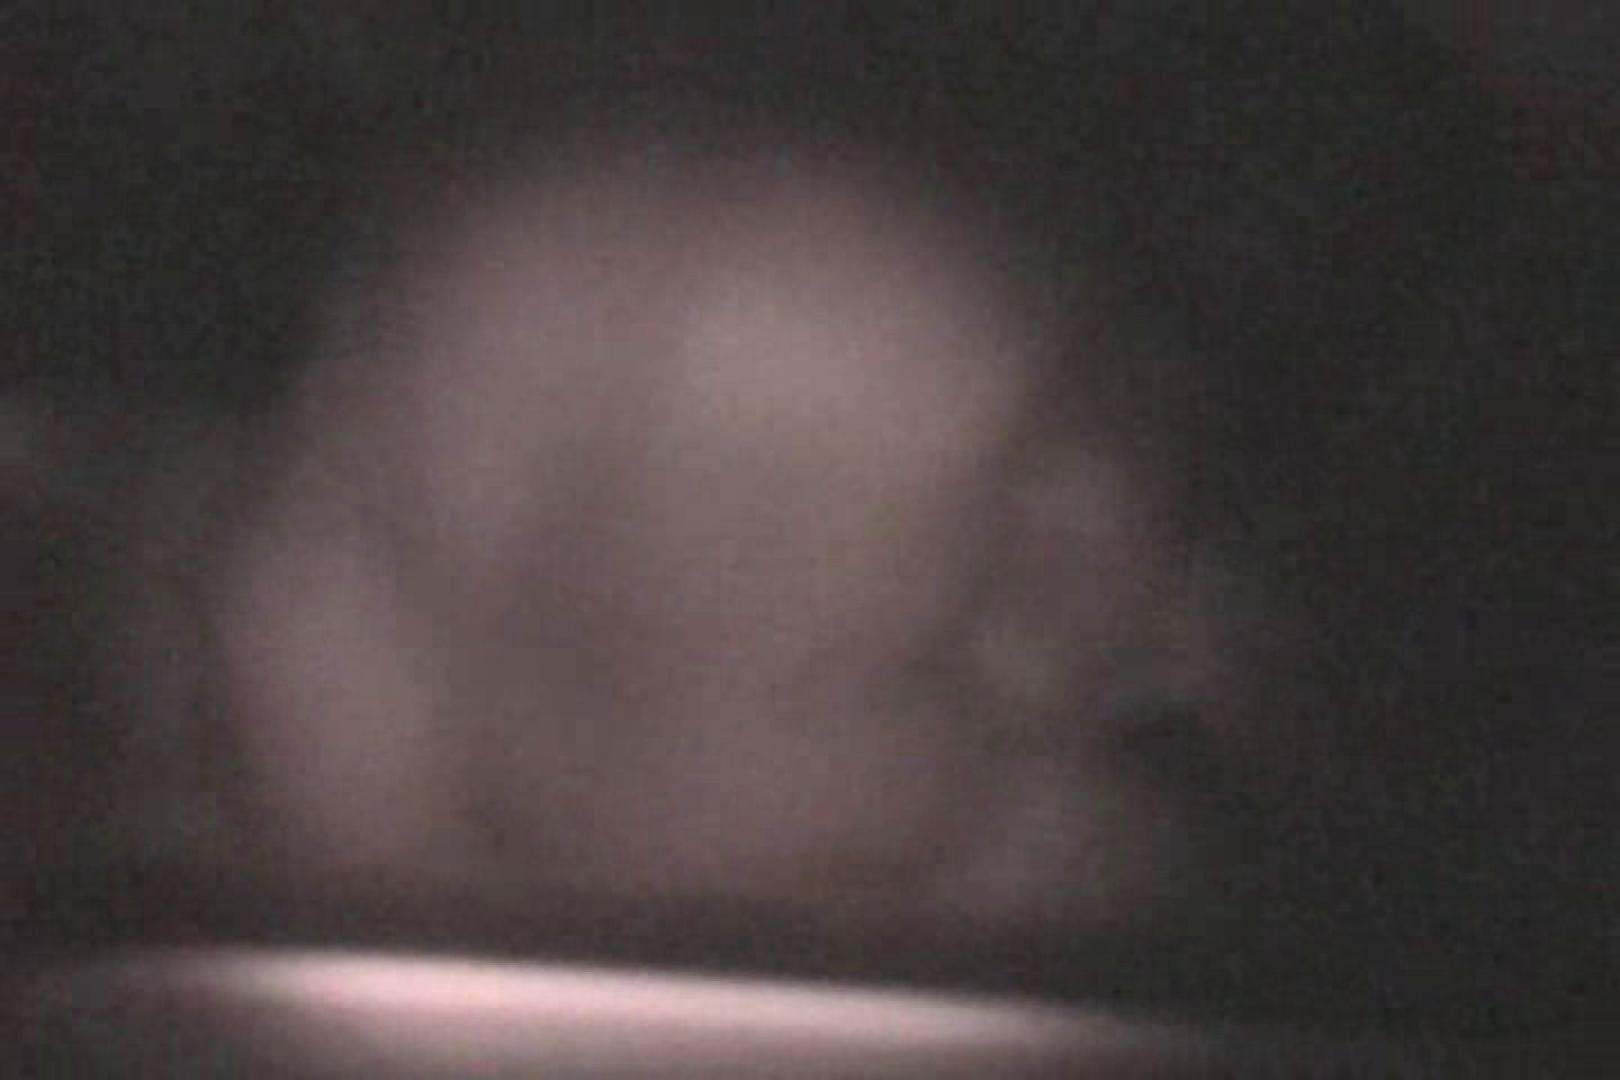 蔵出し!!赤外線カーセックスVol.24 カーセックス  93画像 48